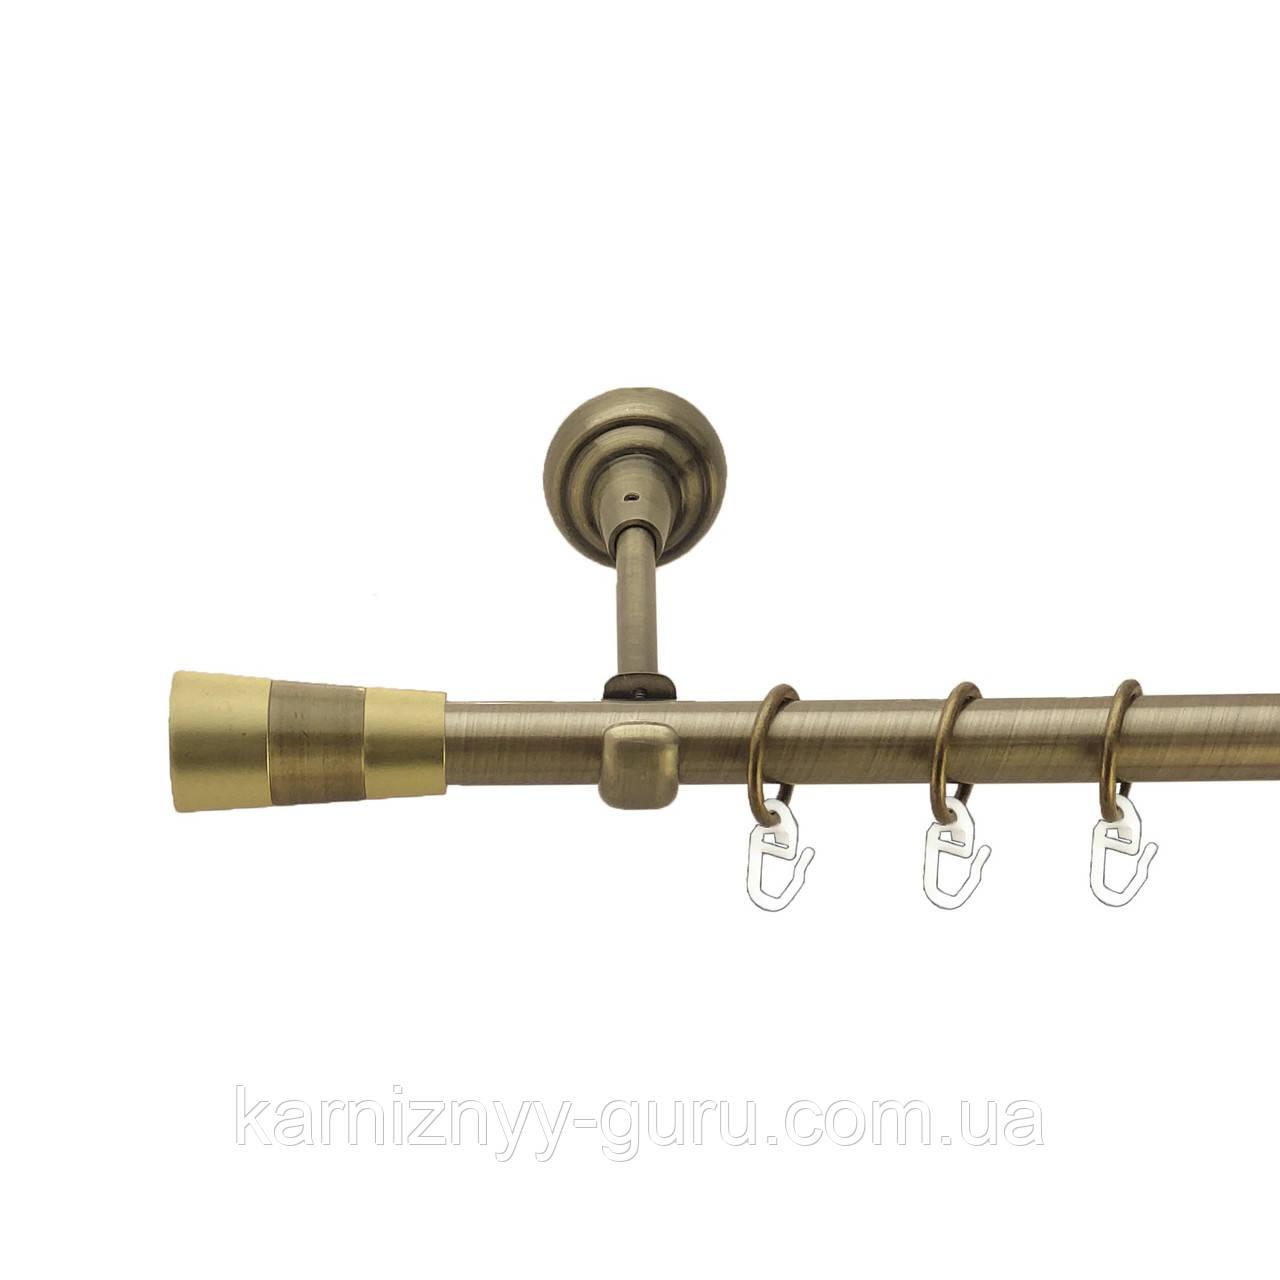 Карниз для штор ø 16мм, одинарный, наконечник Валео